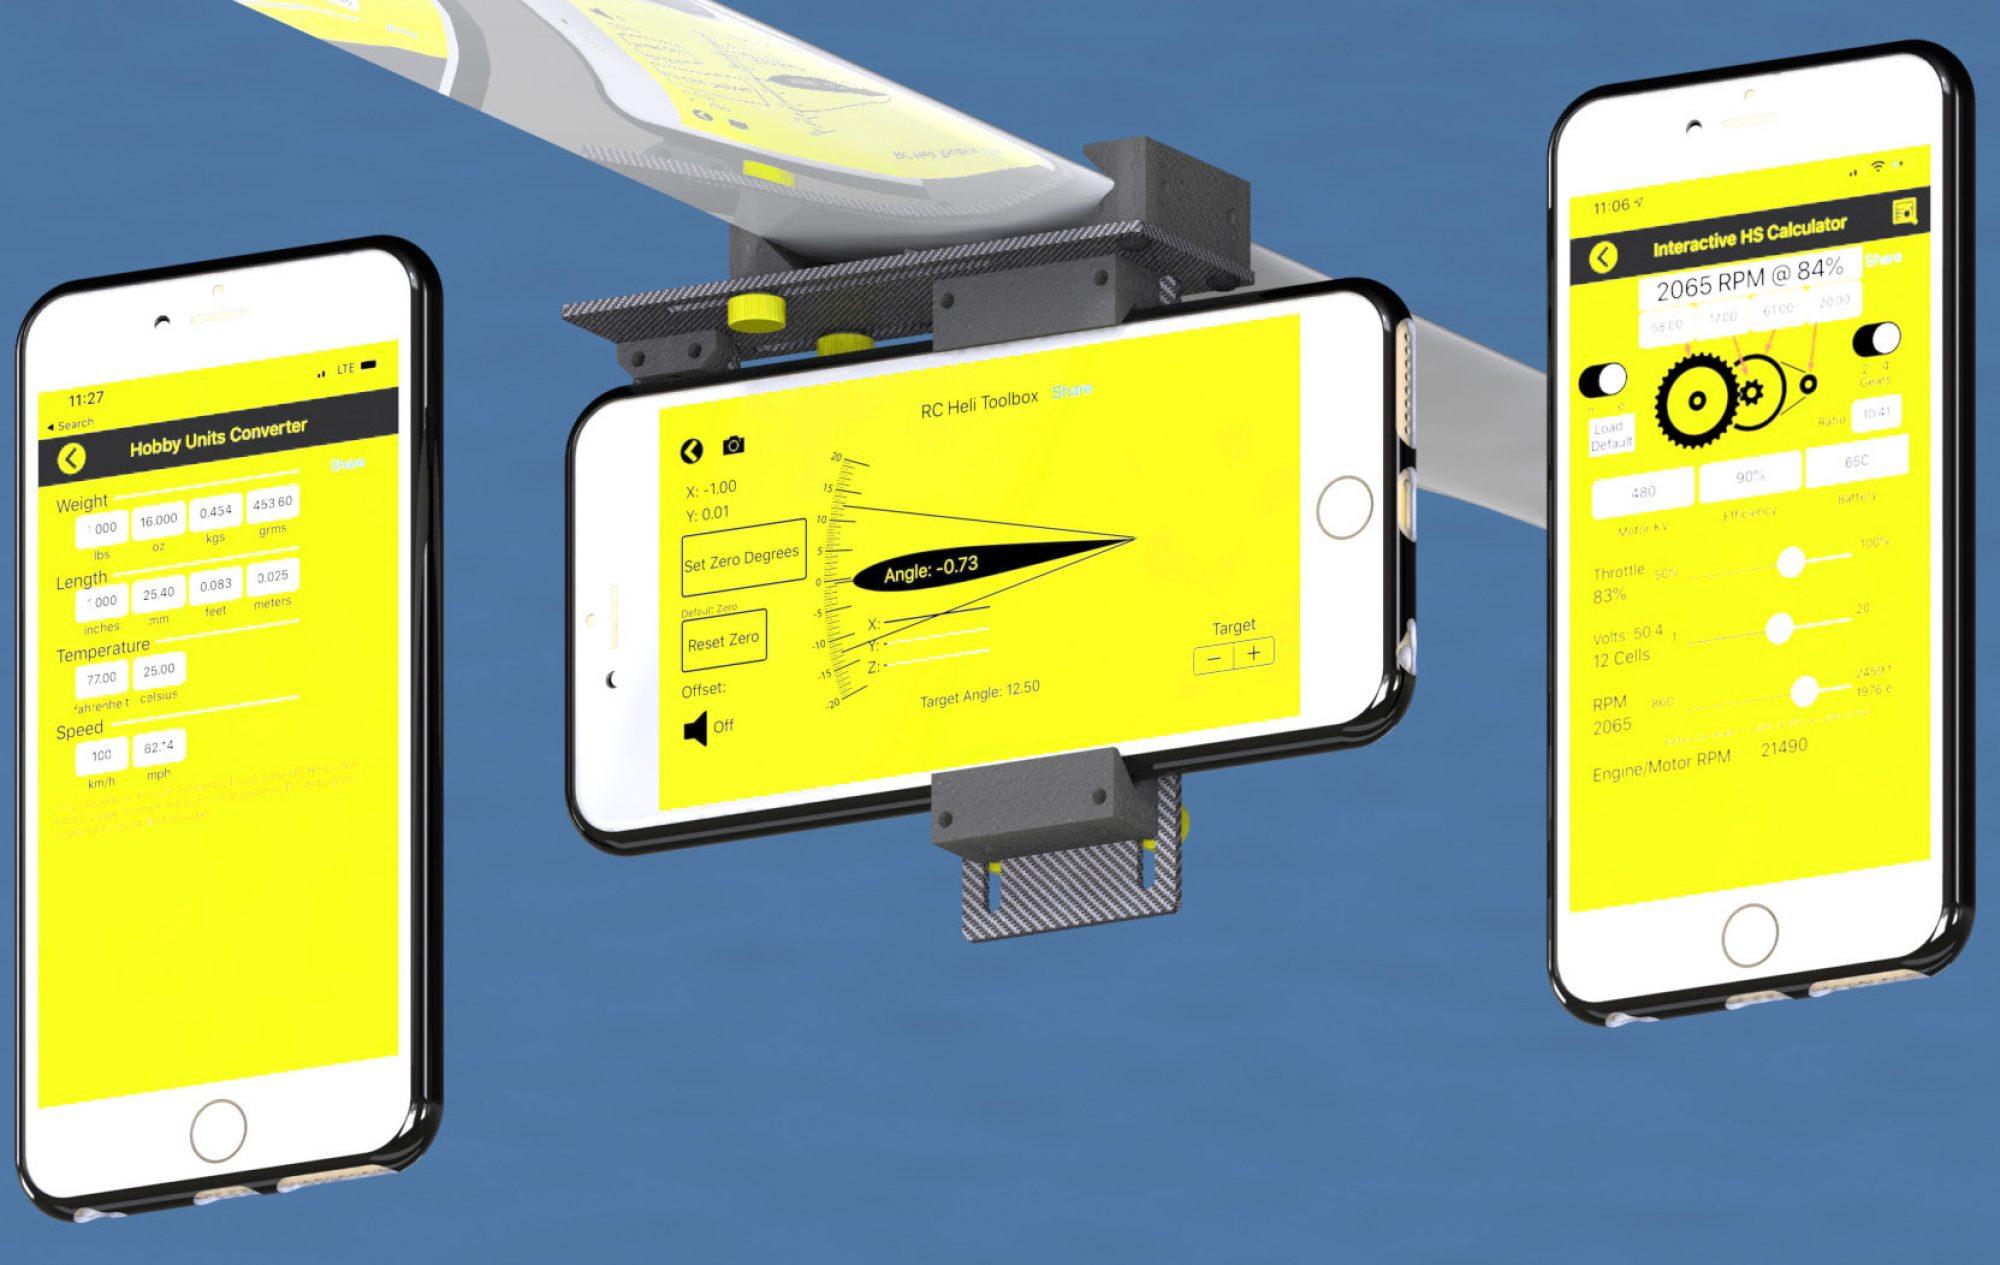 RC Heli Toolbox App